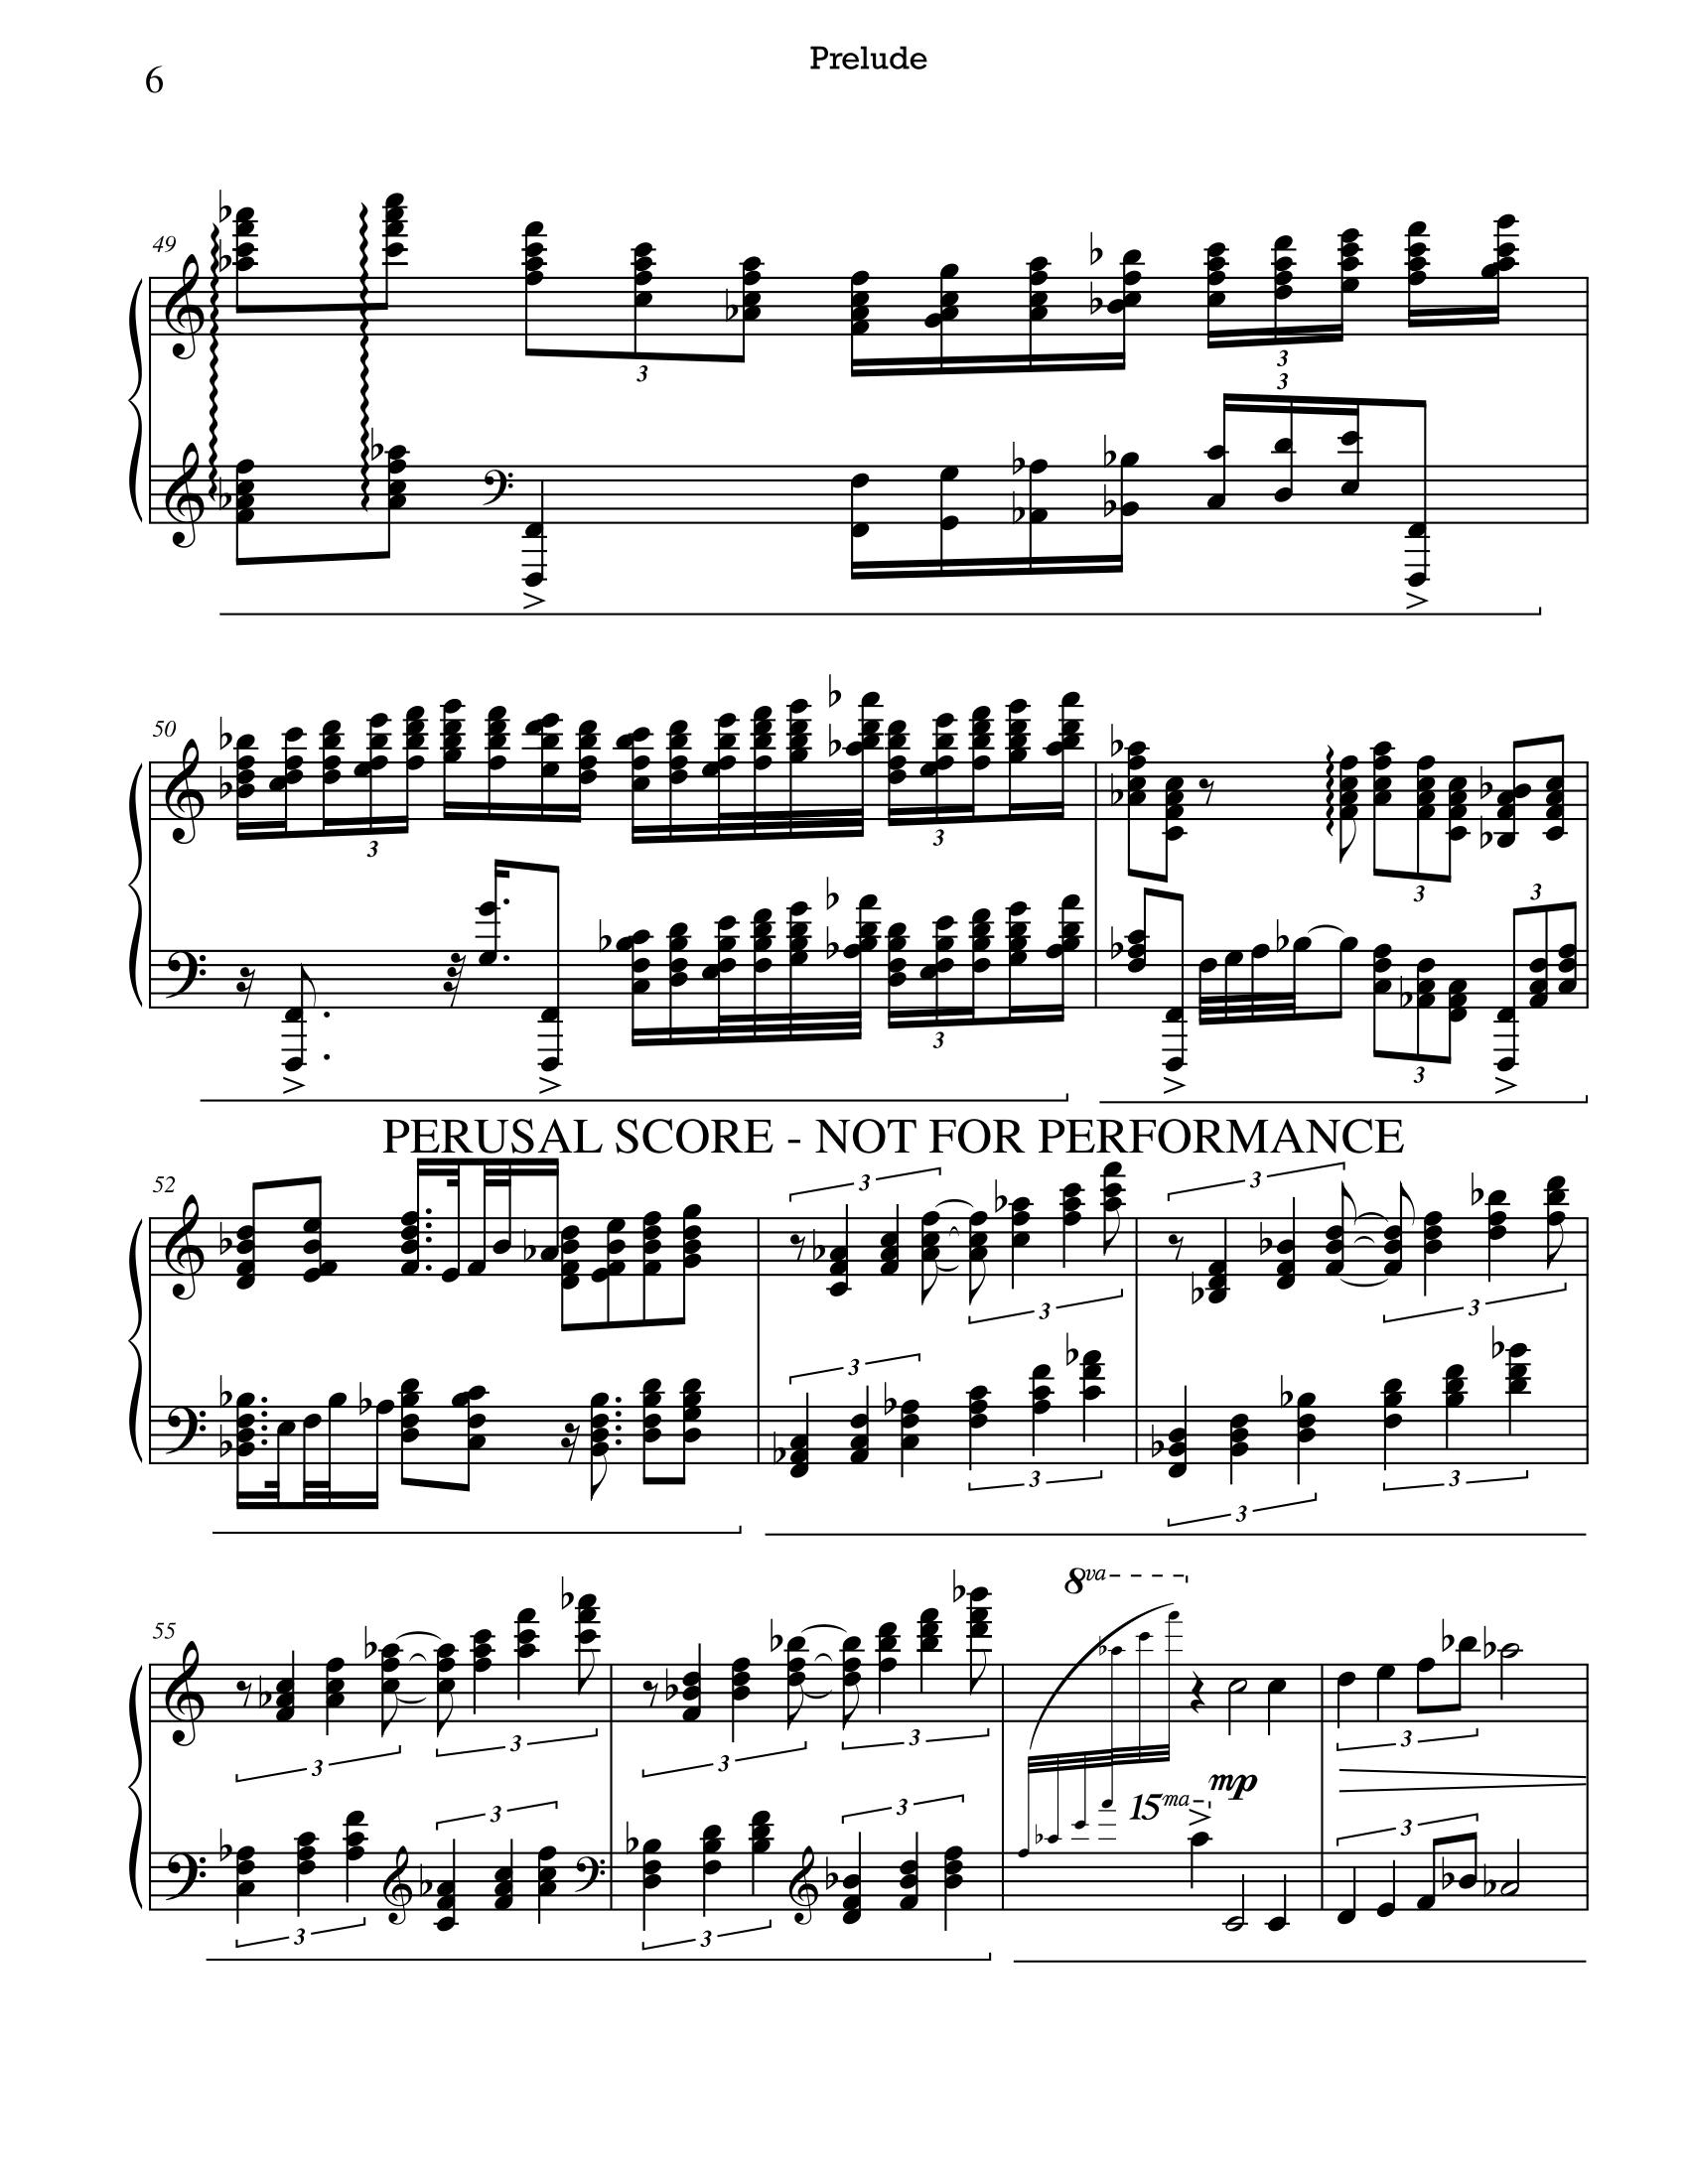 Prelude Perusal-8.png